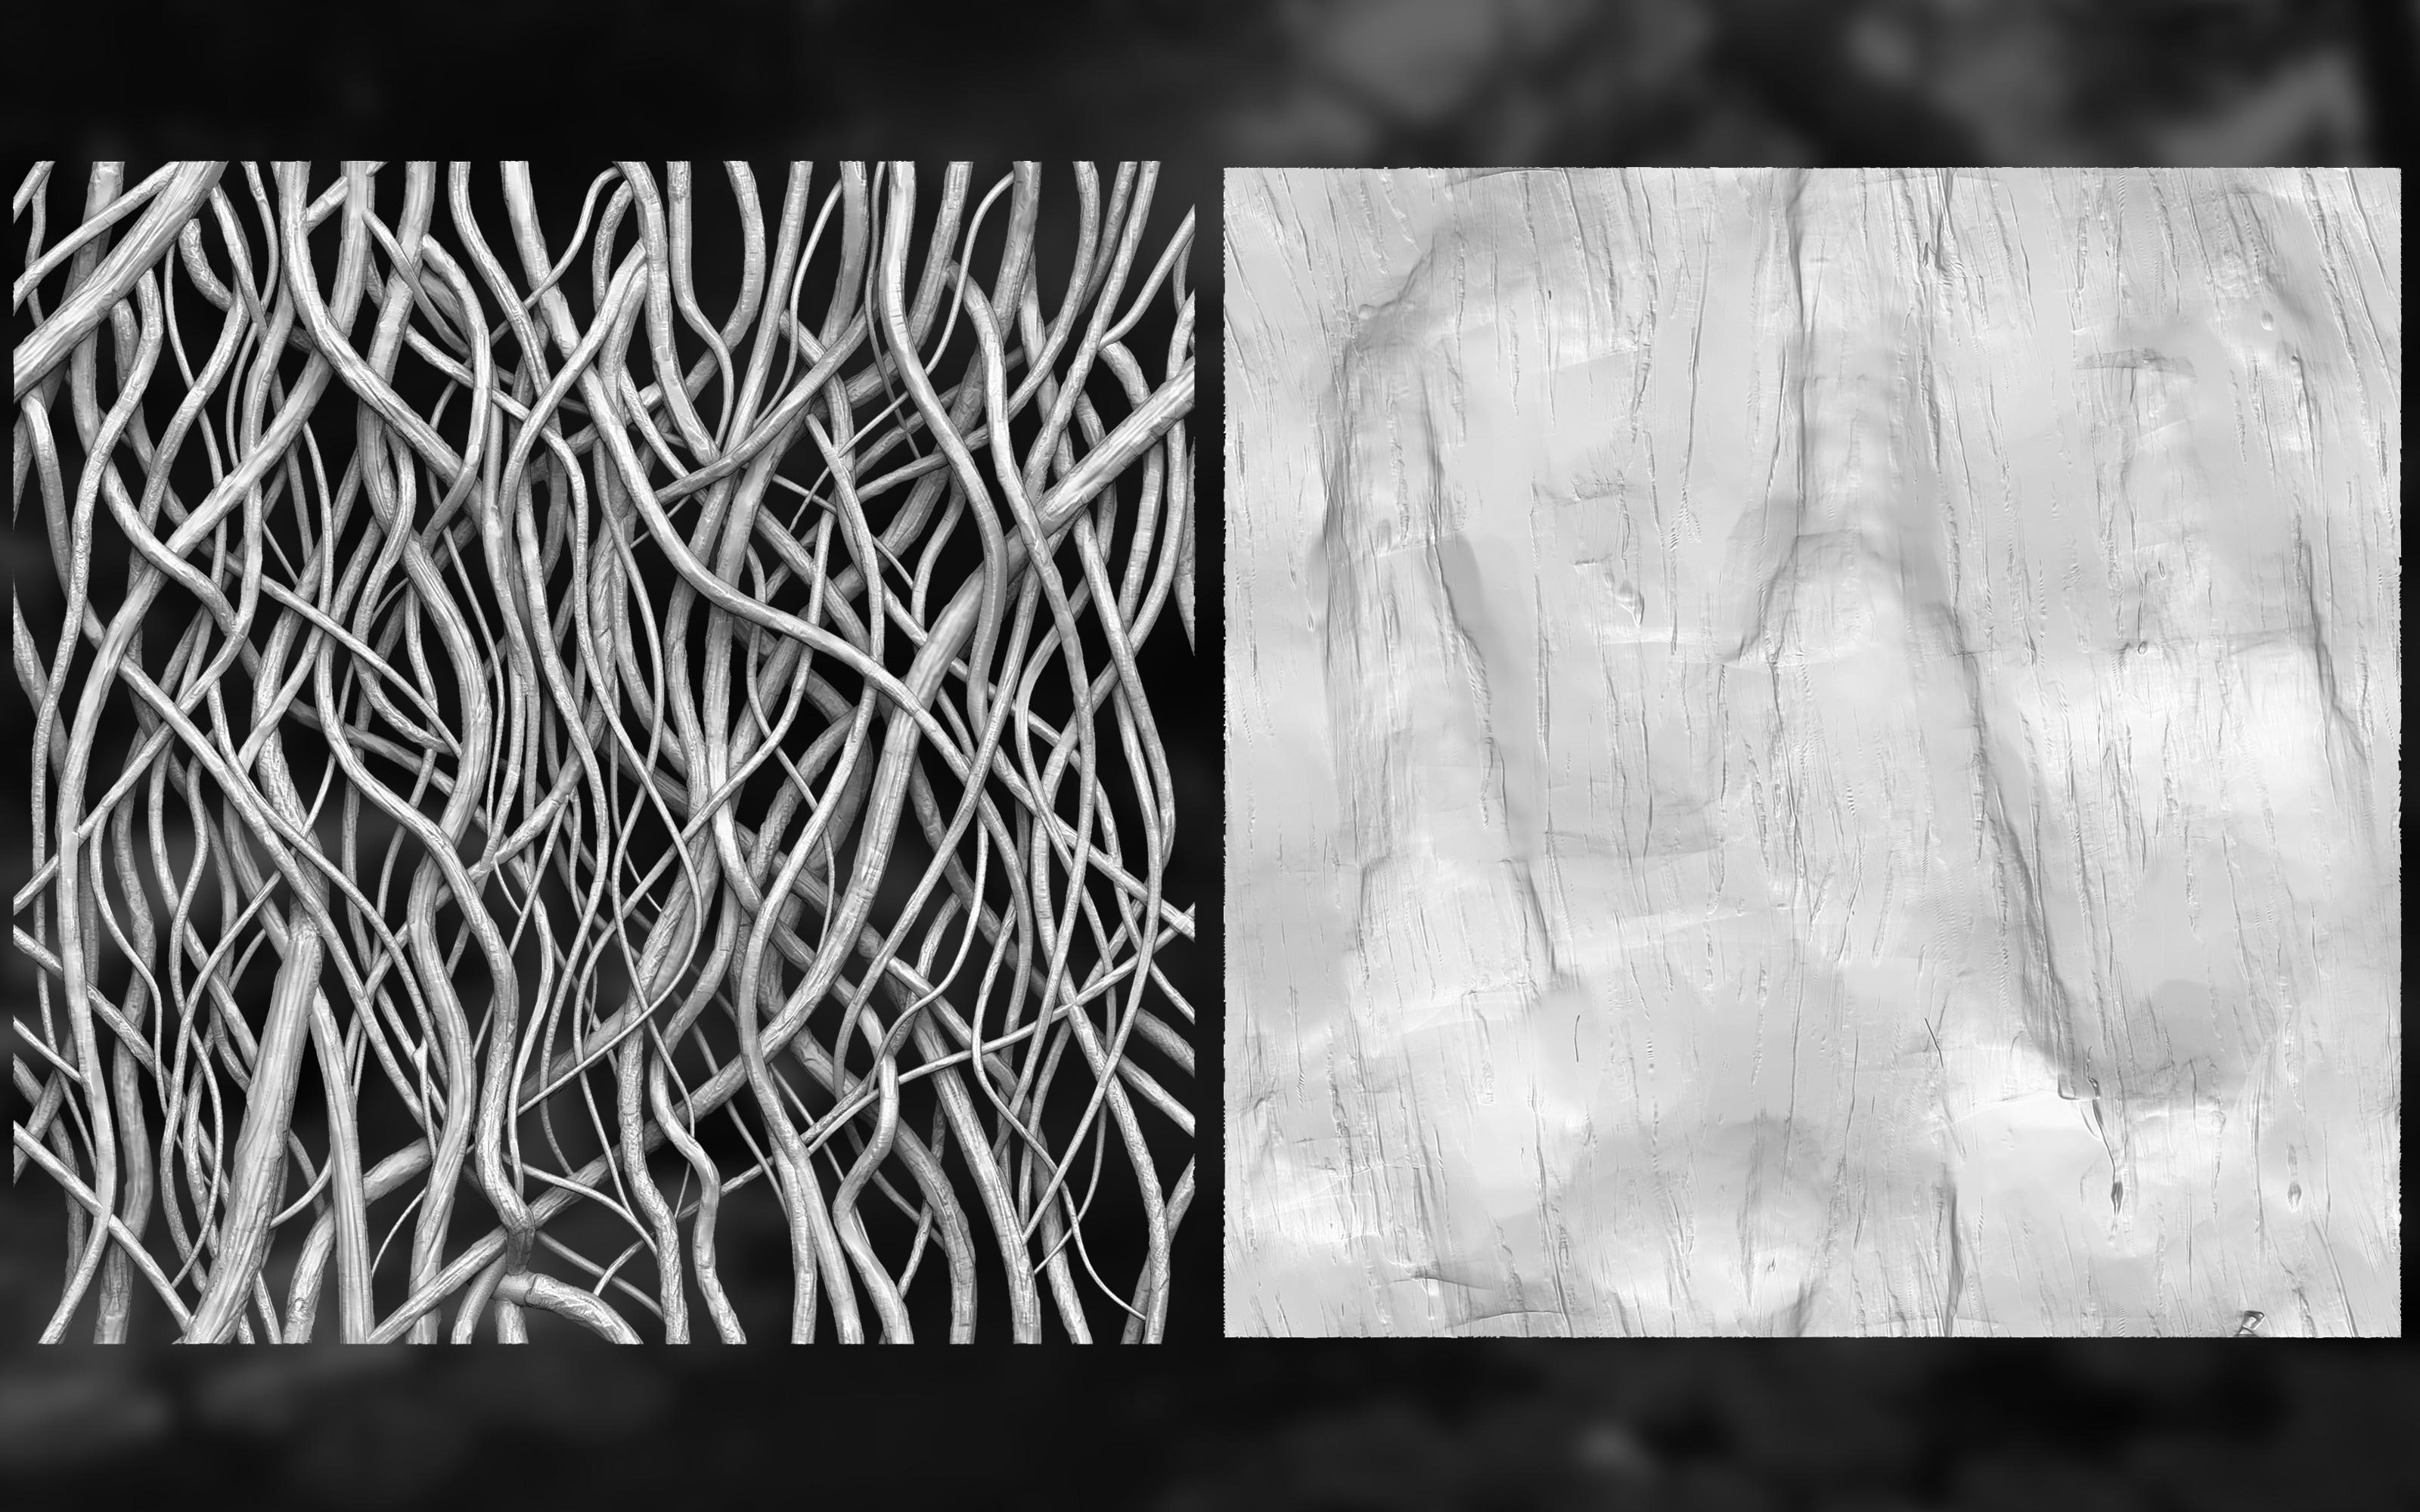 Roots/Bark sculpts